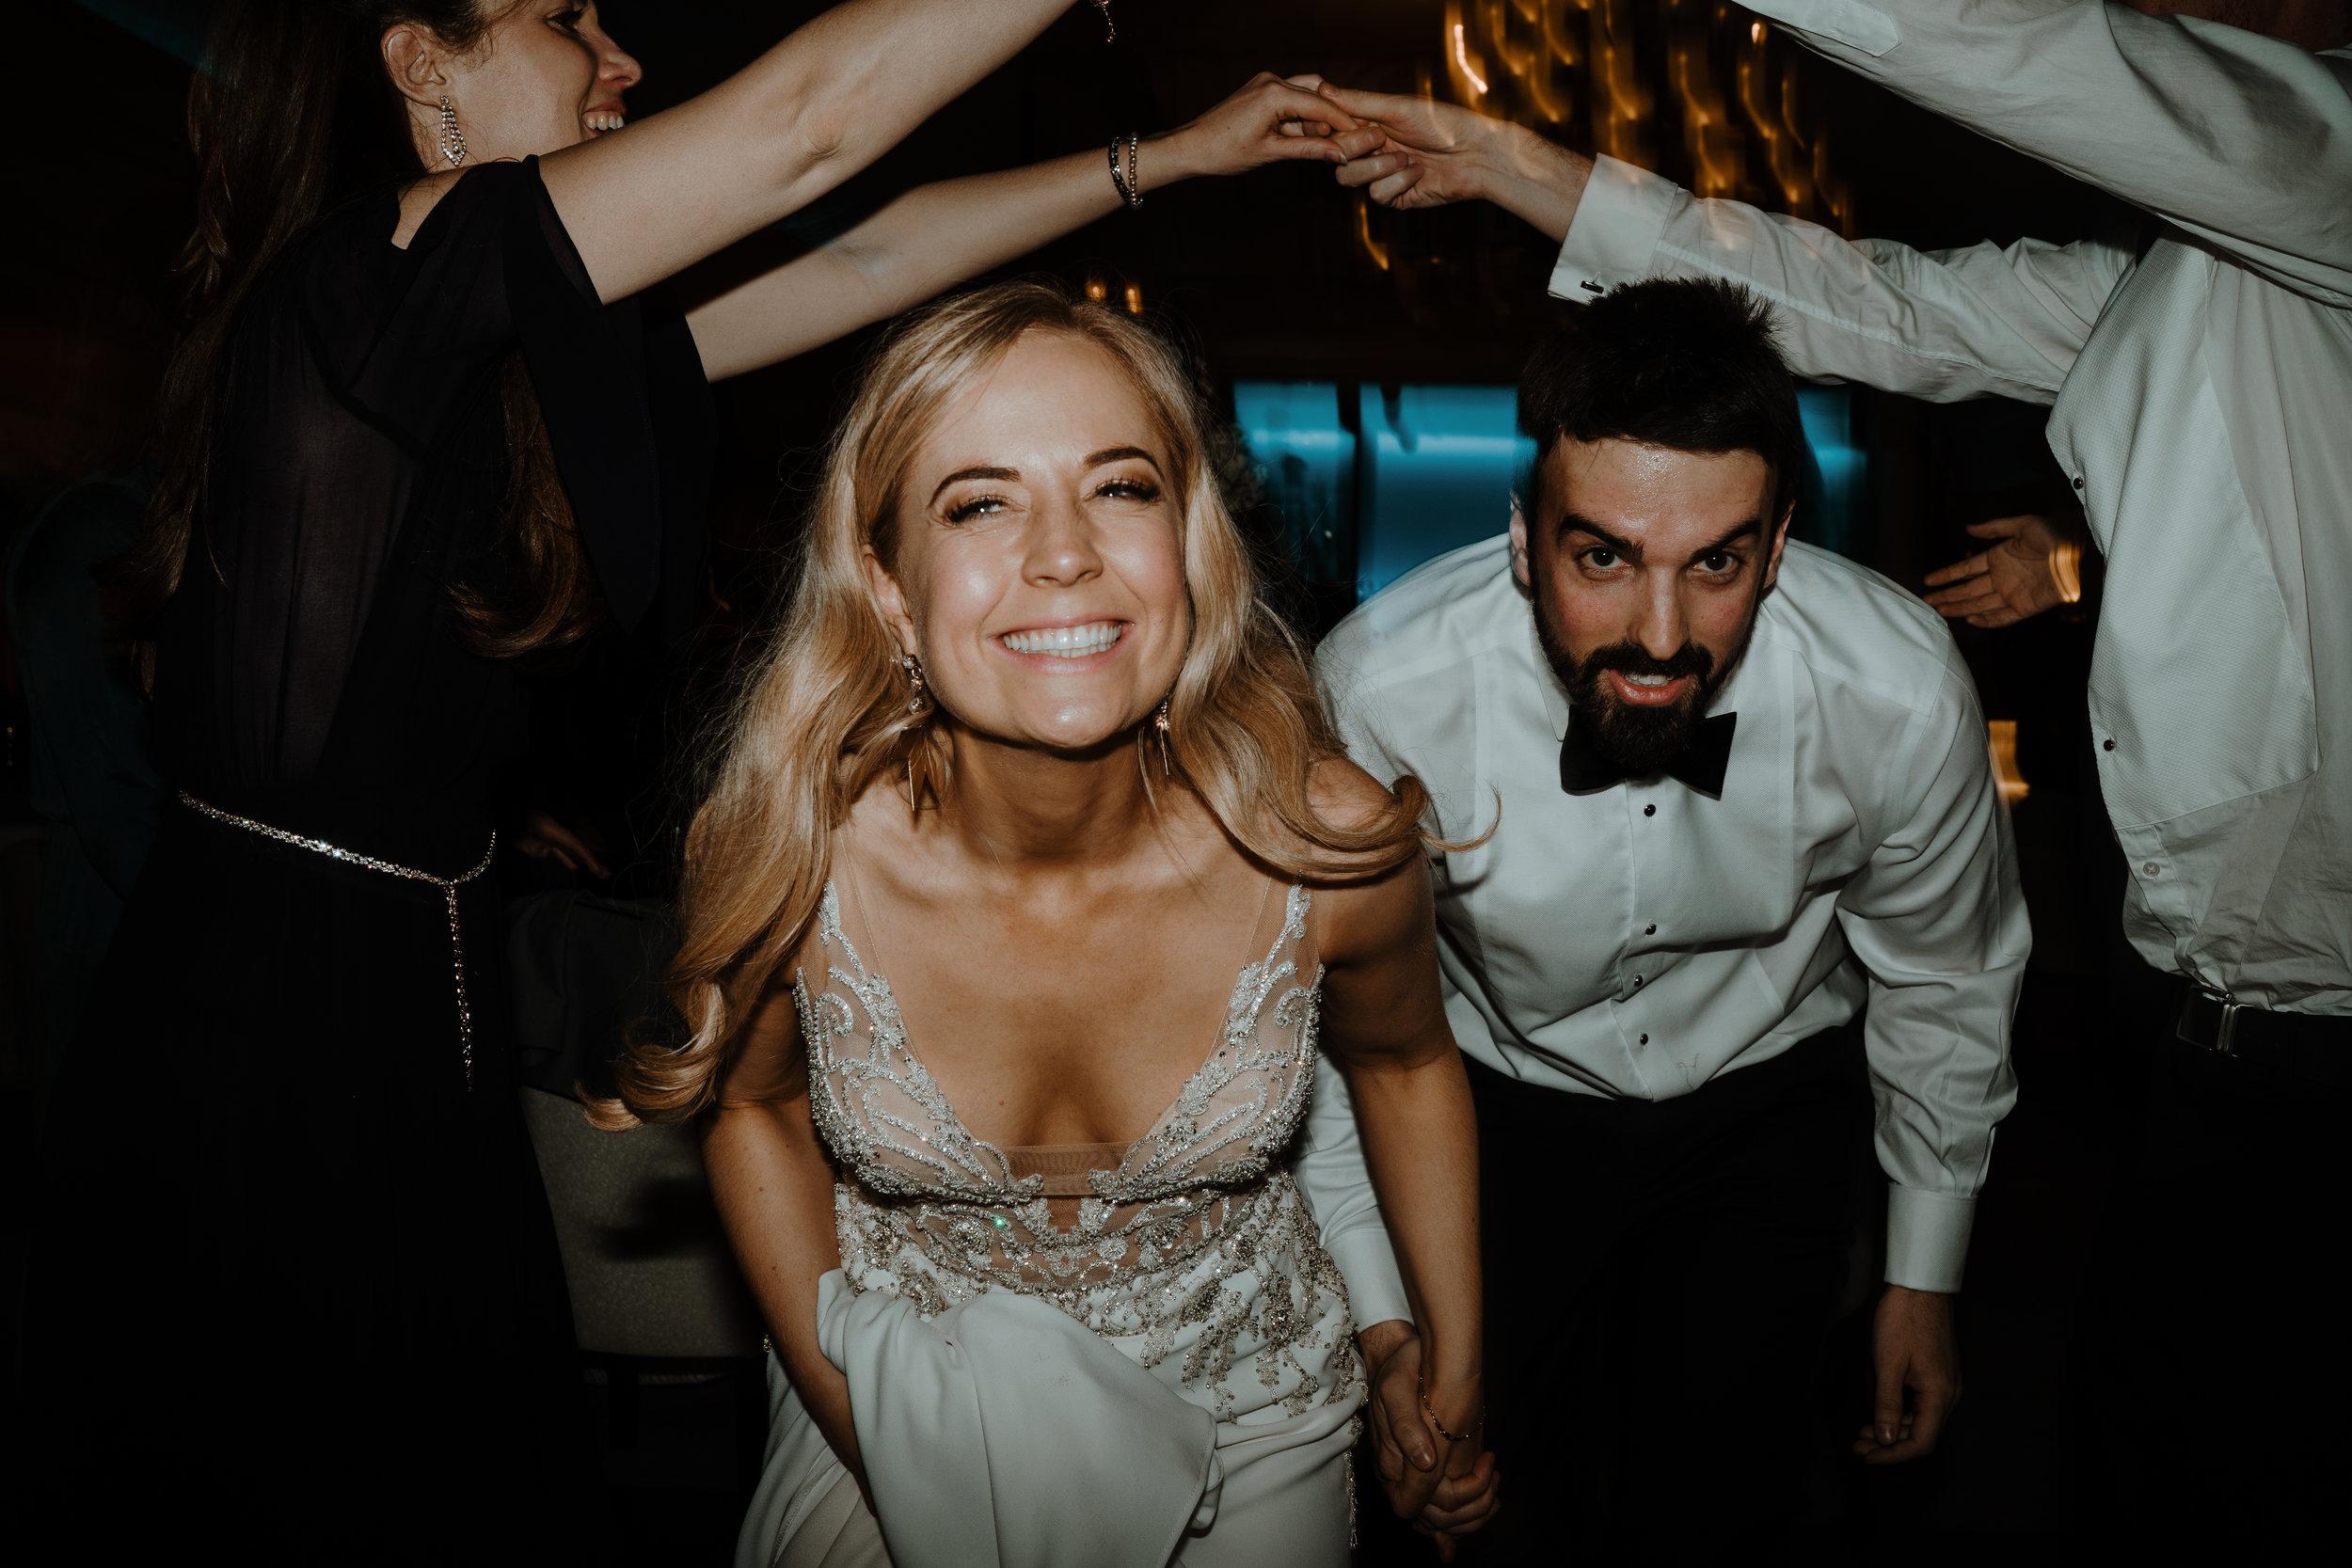 galgorm-wedding-winter-ceilidh-band